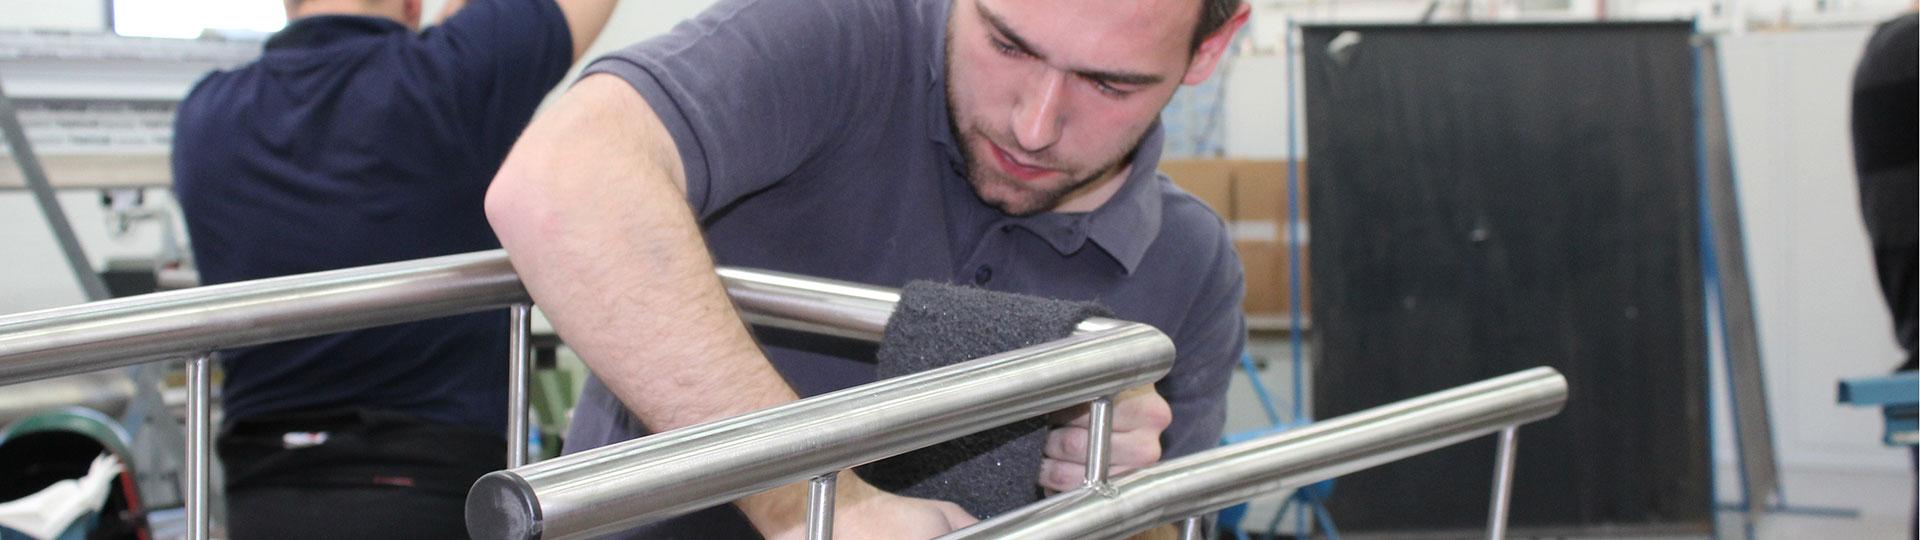 Weiterbildung Metalltechnik